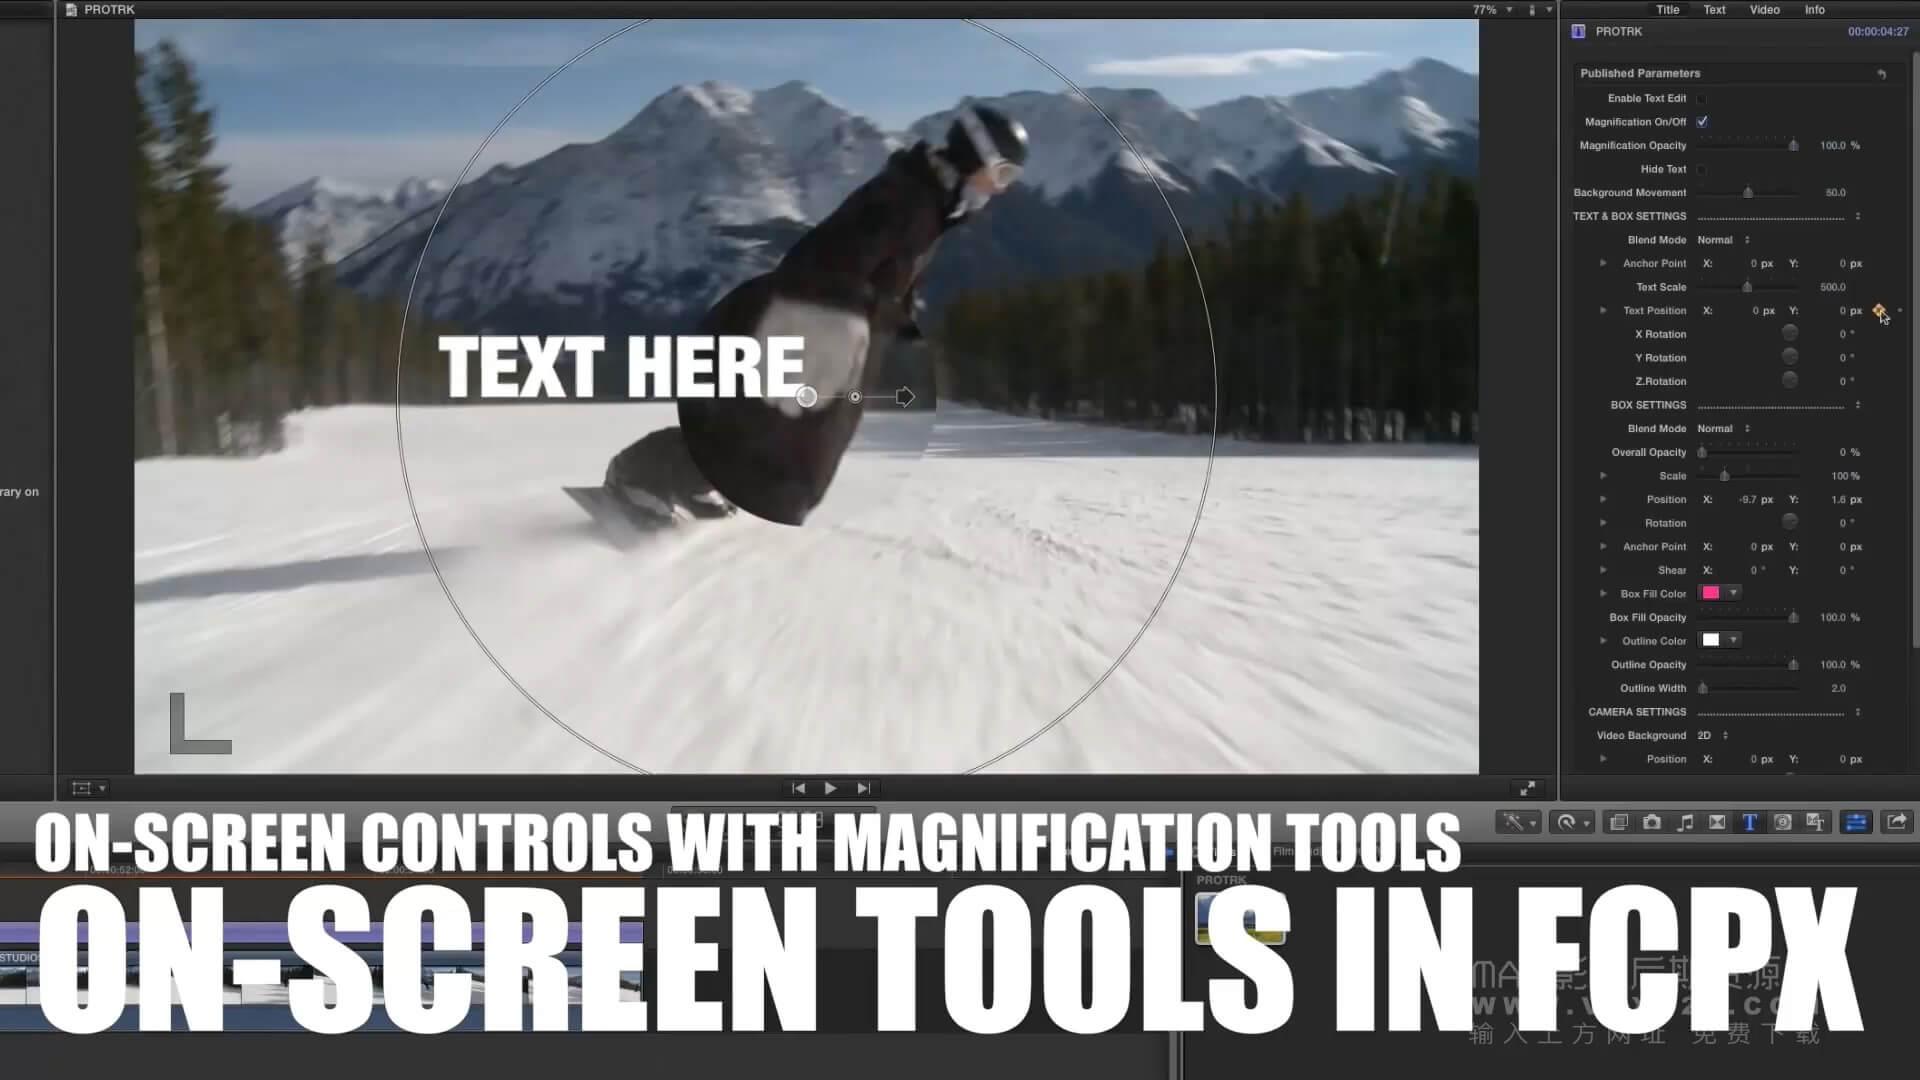 fcpx字幕插件 文字标题跟踪插件 ProTRK Pixel Film Studios